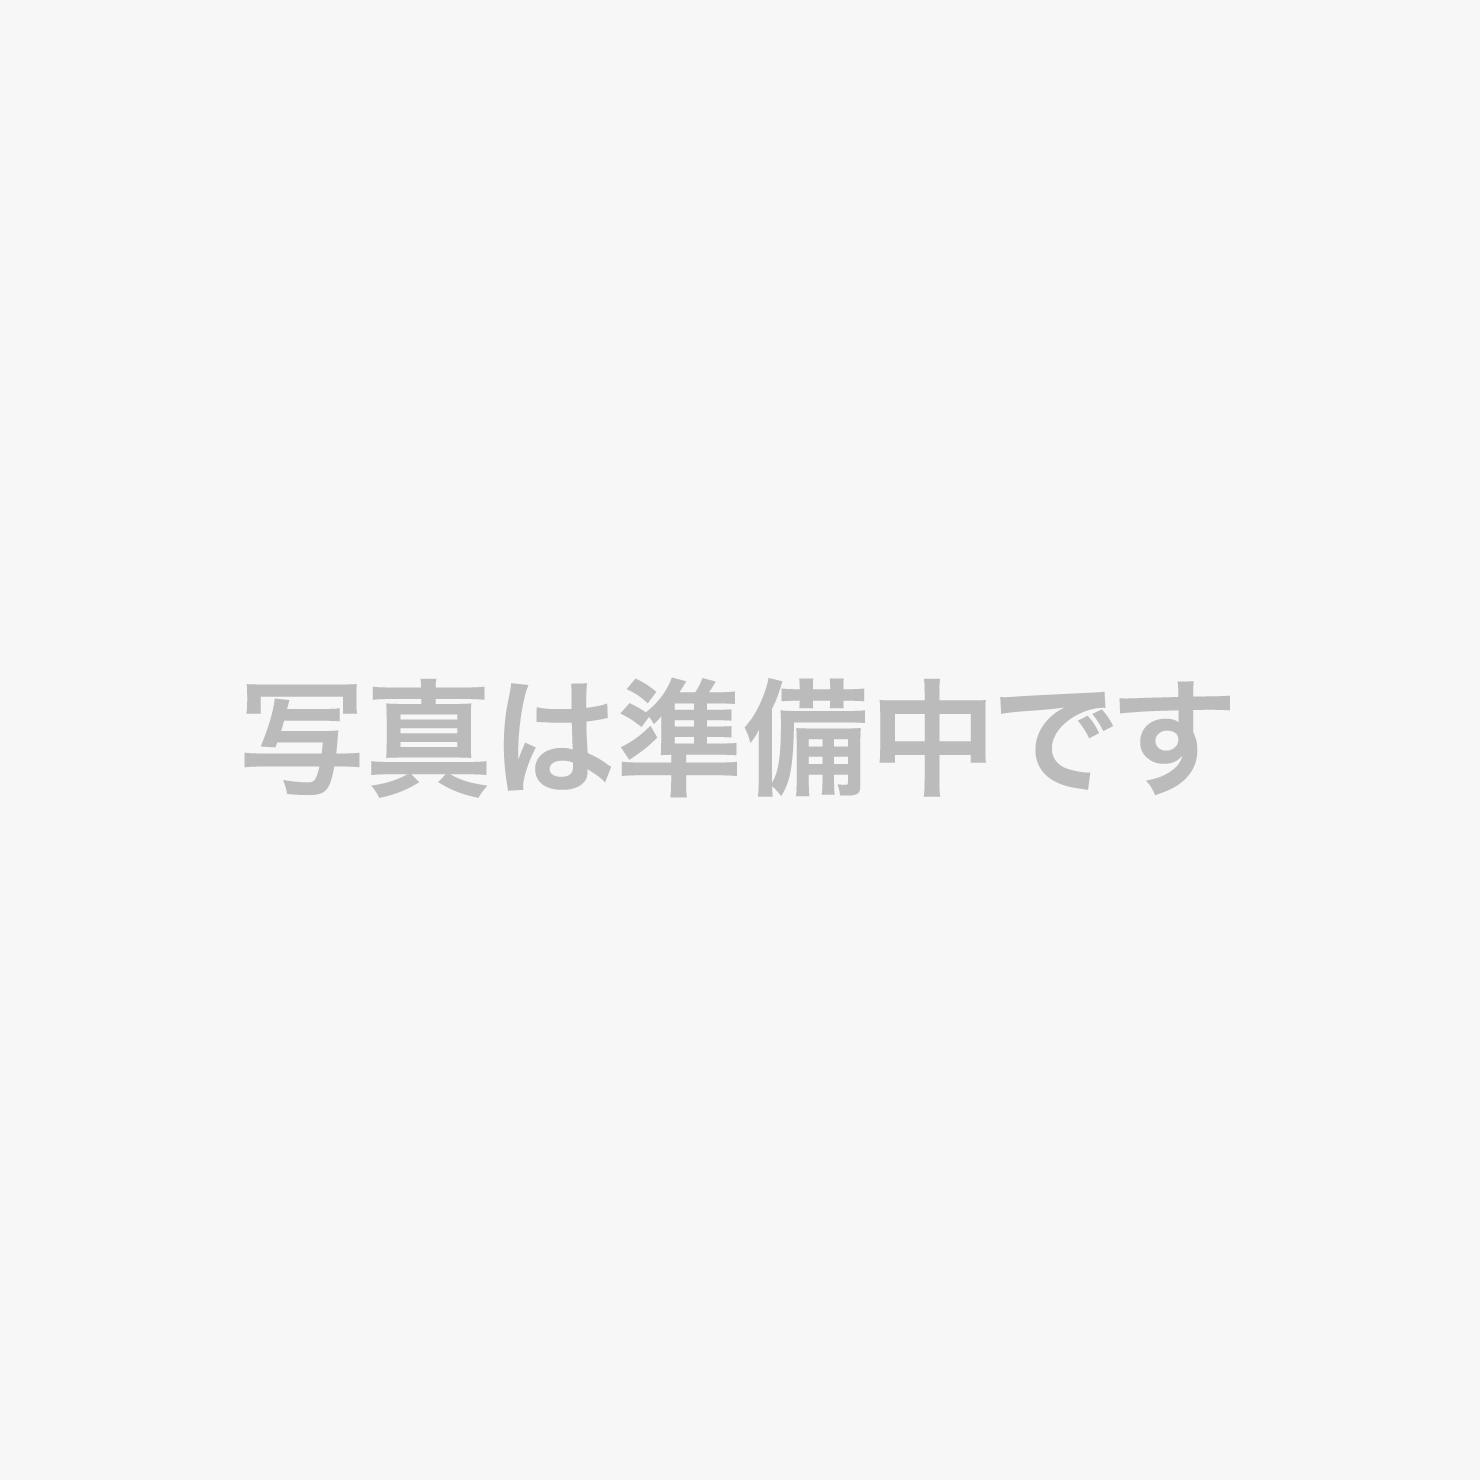 スーペリアダブル【32平米】